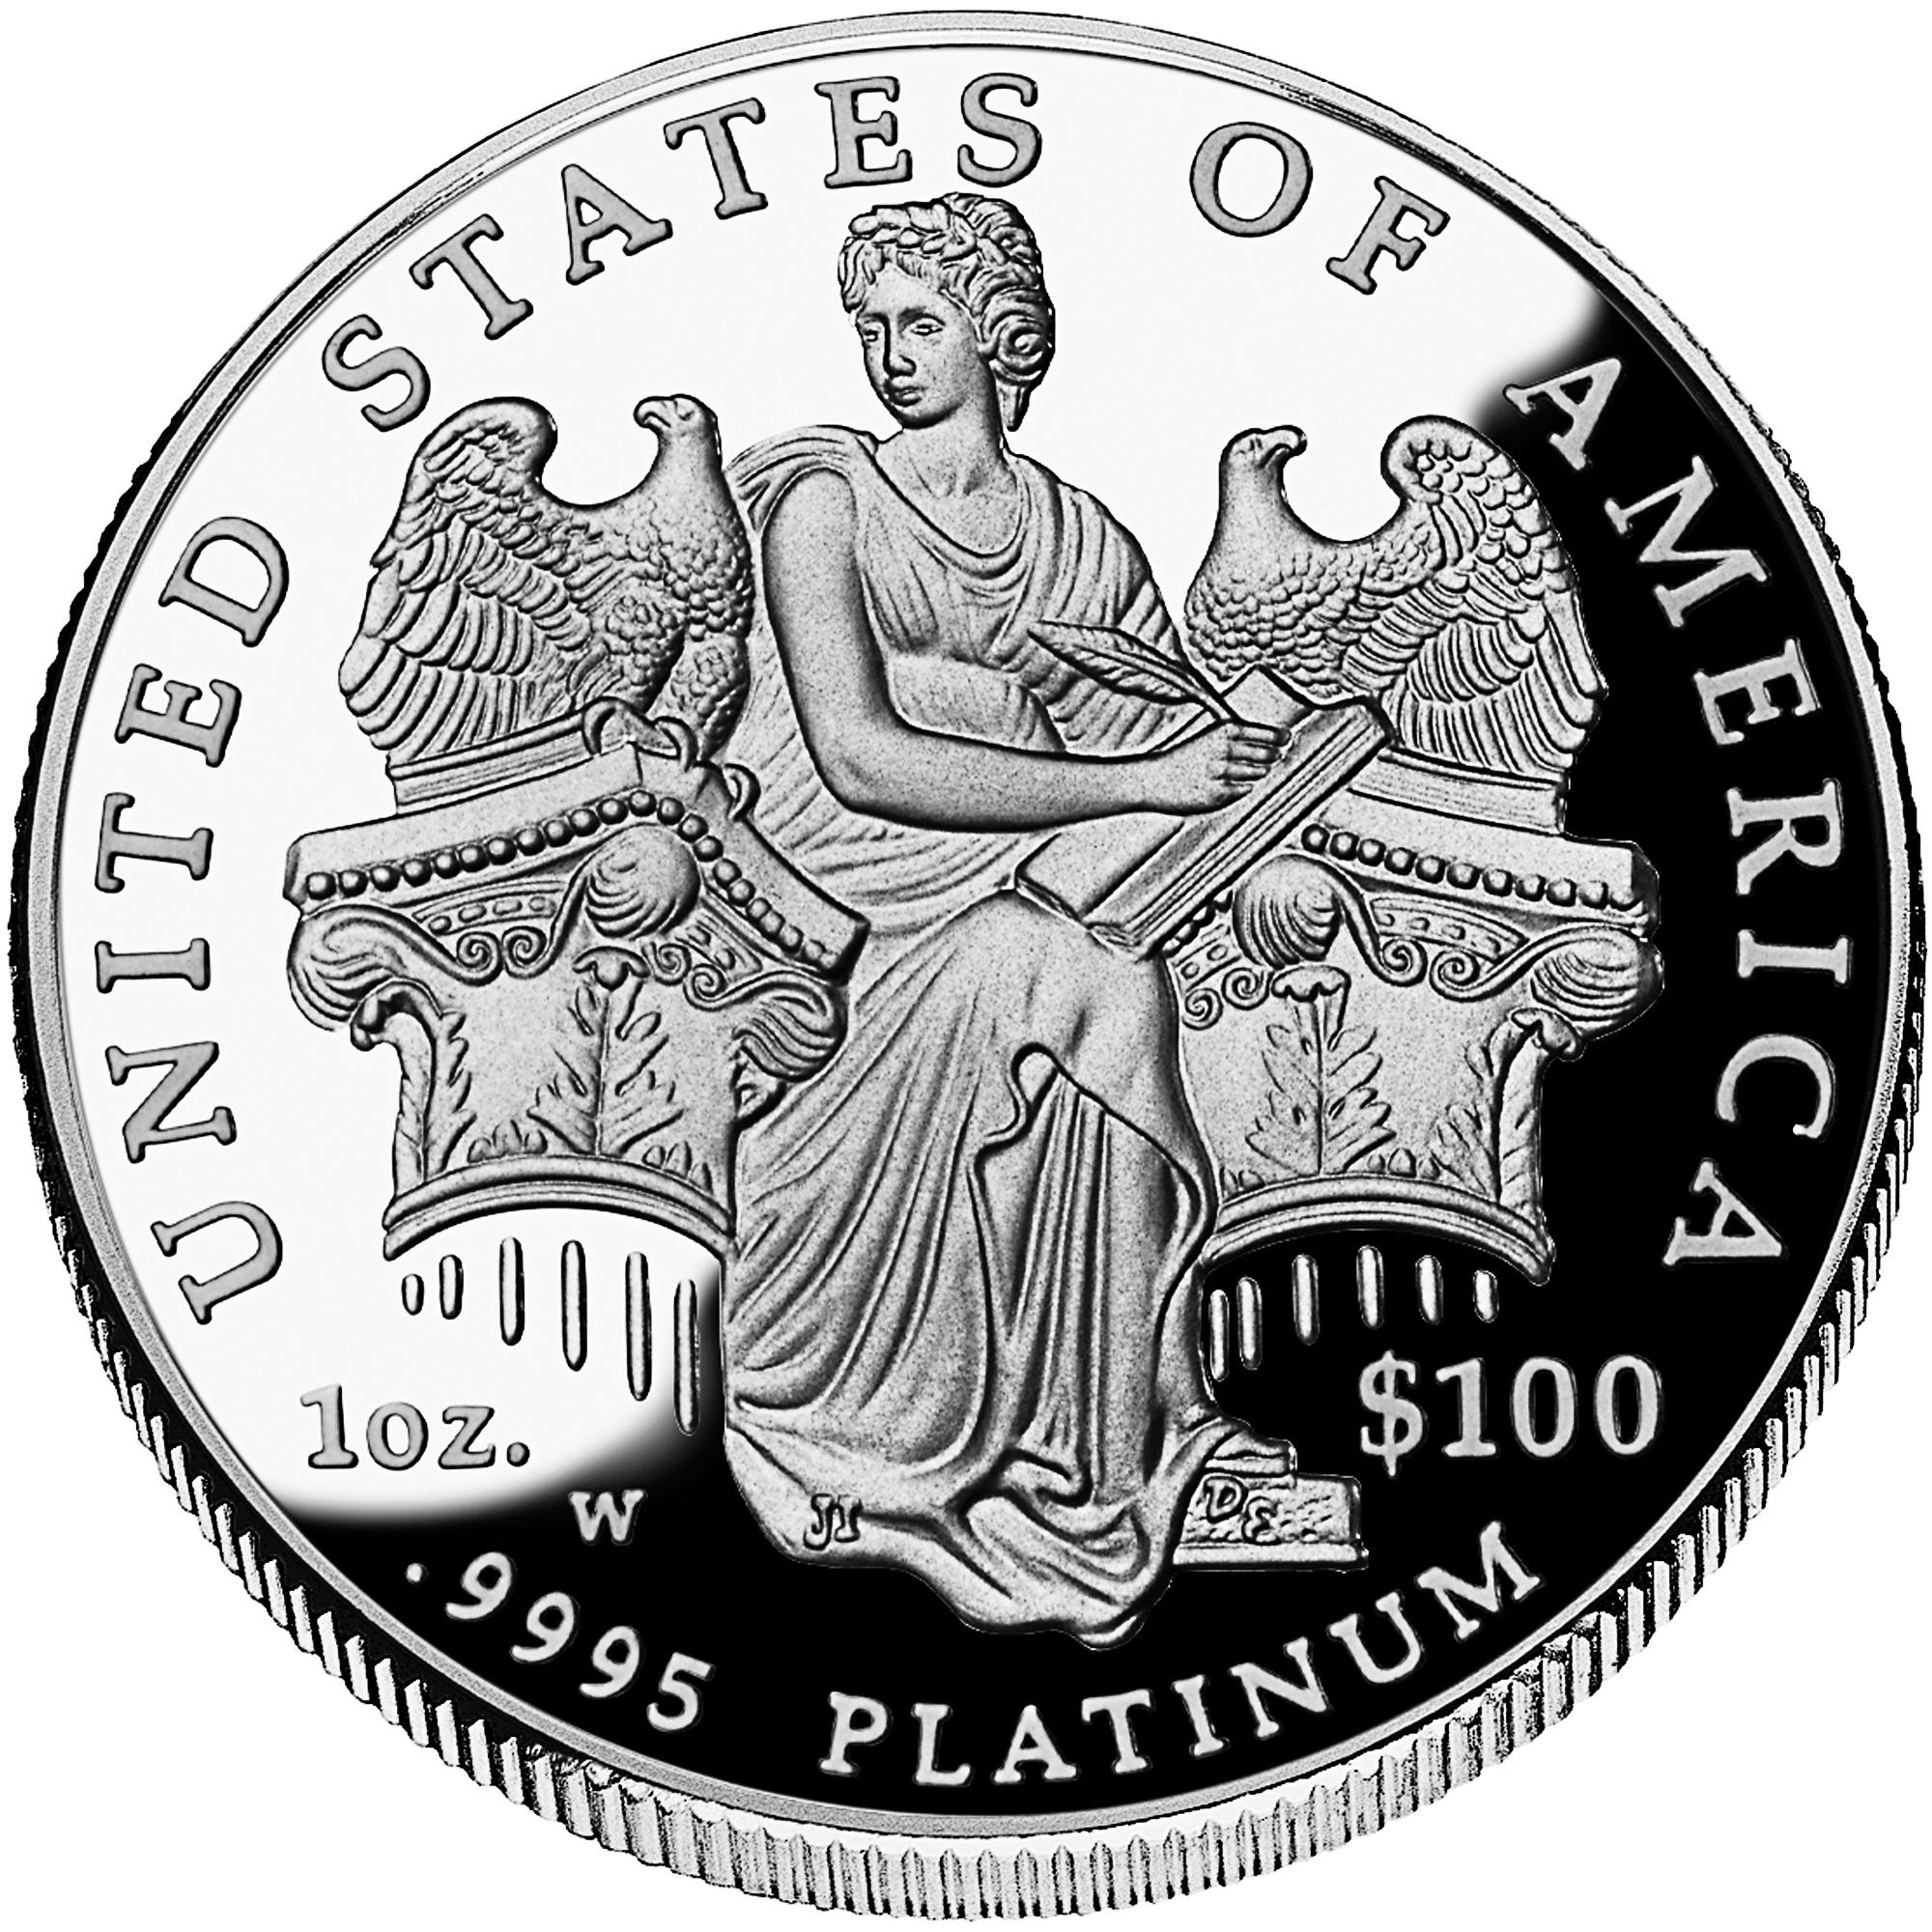 2000x2000 American Eagle Platinum Proof Images U.s. Mint